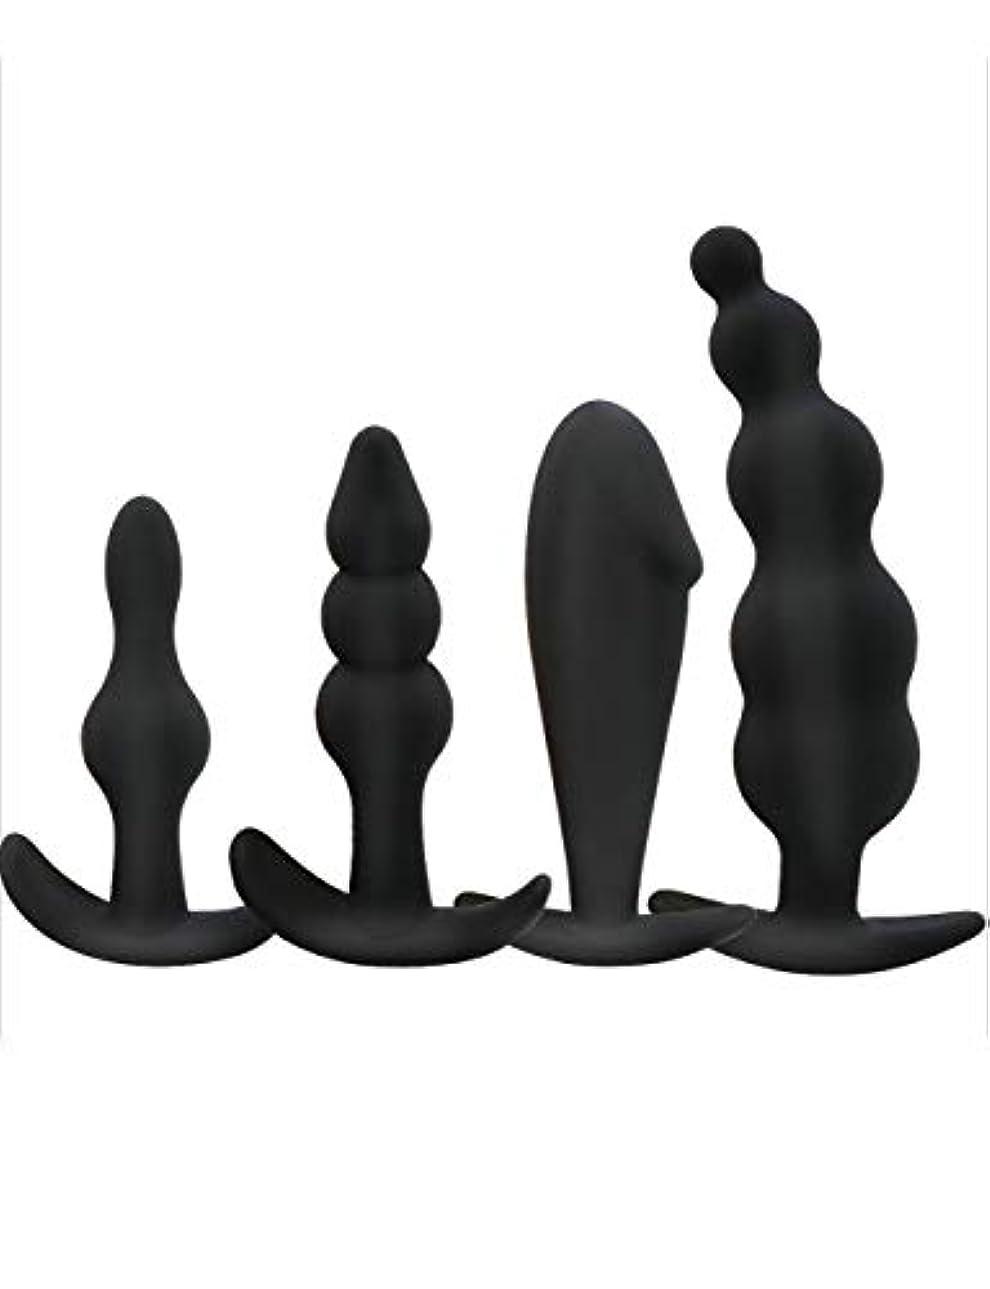 司教シール塩辛いSYing 4本のシリコントレーナーキット - ブリュットプルグビーズマッサージ玩具(ブラック)